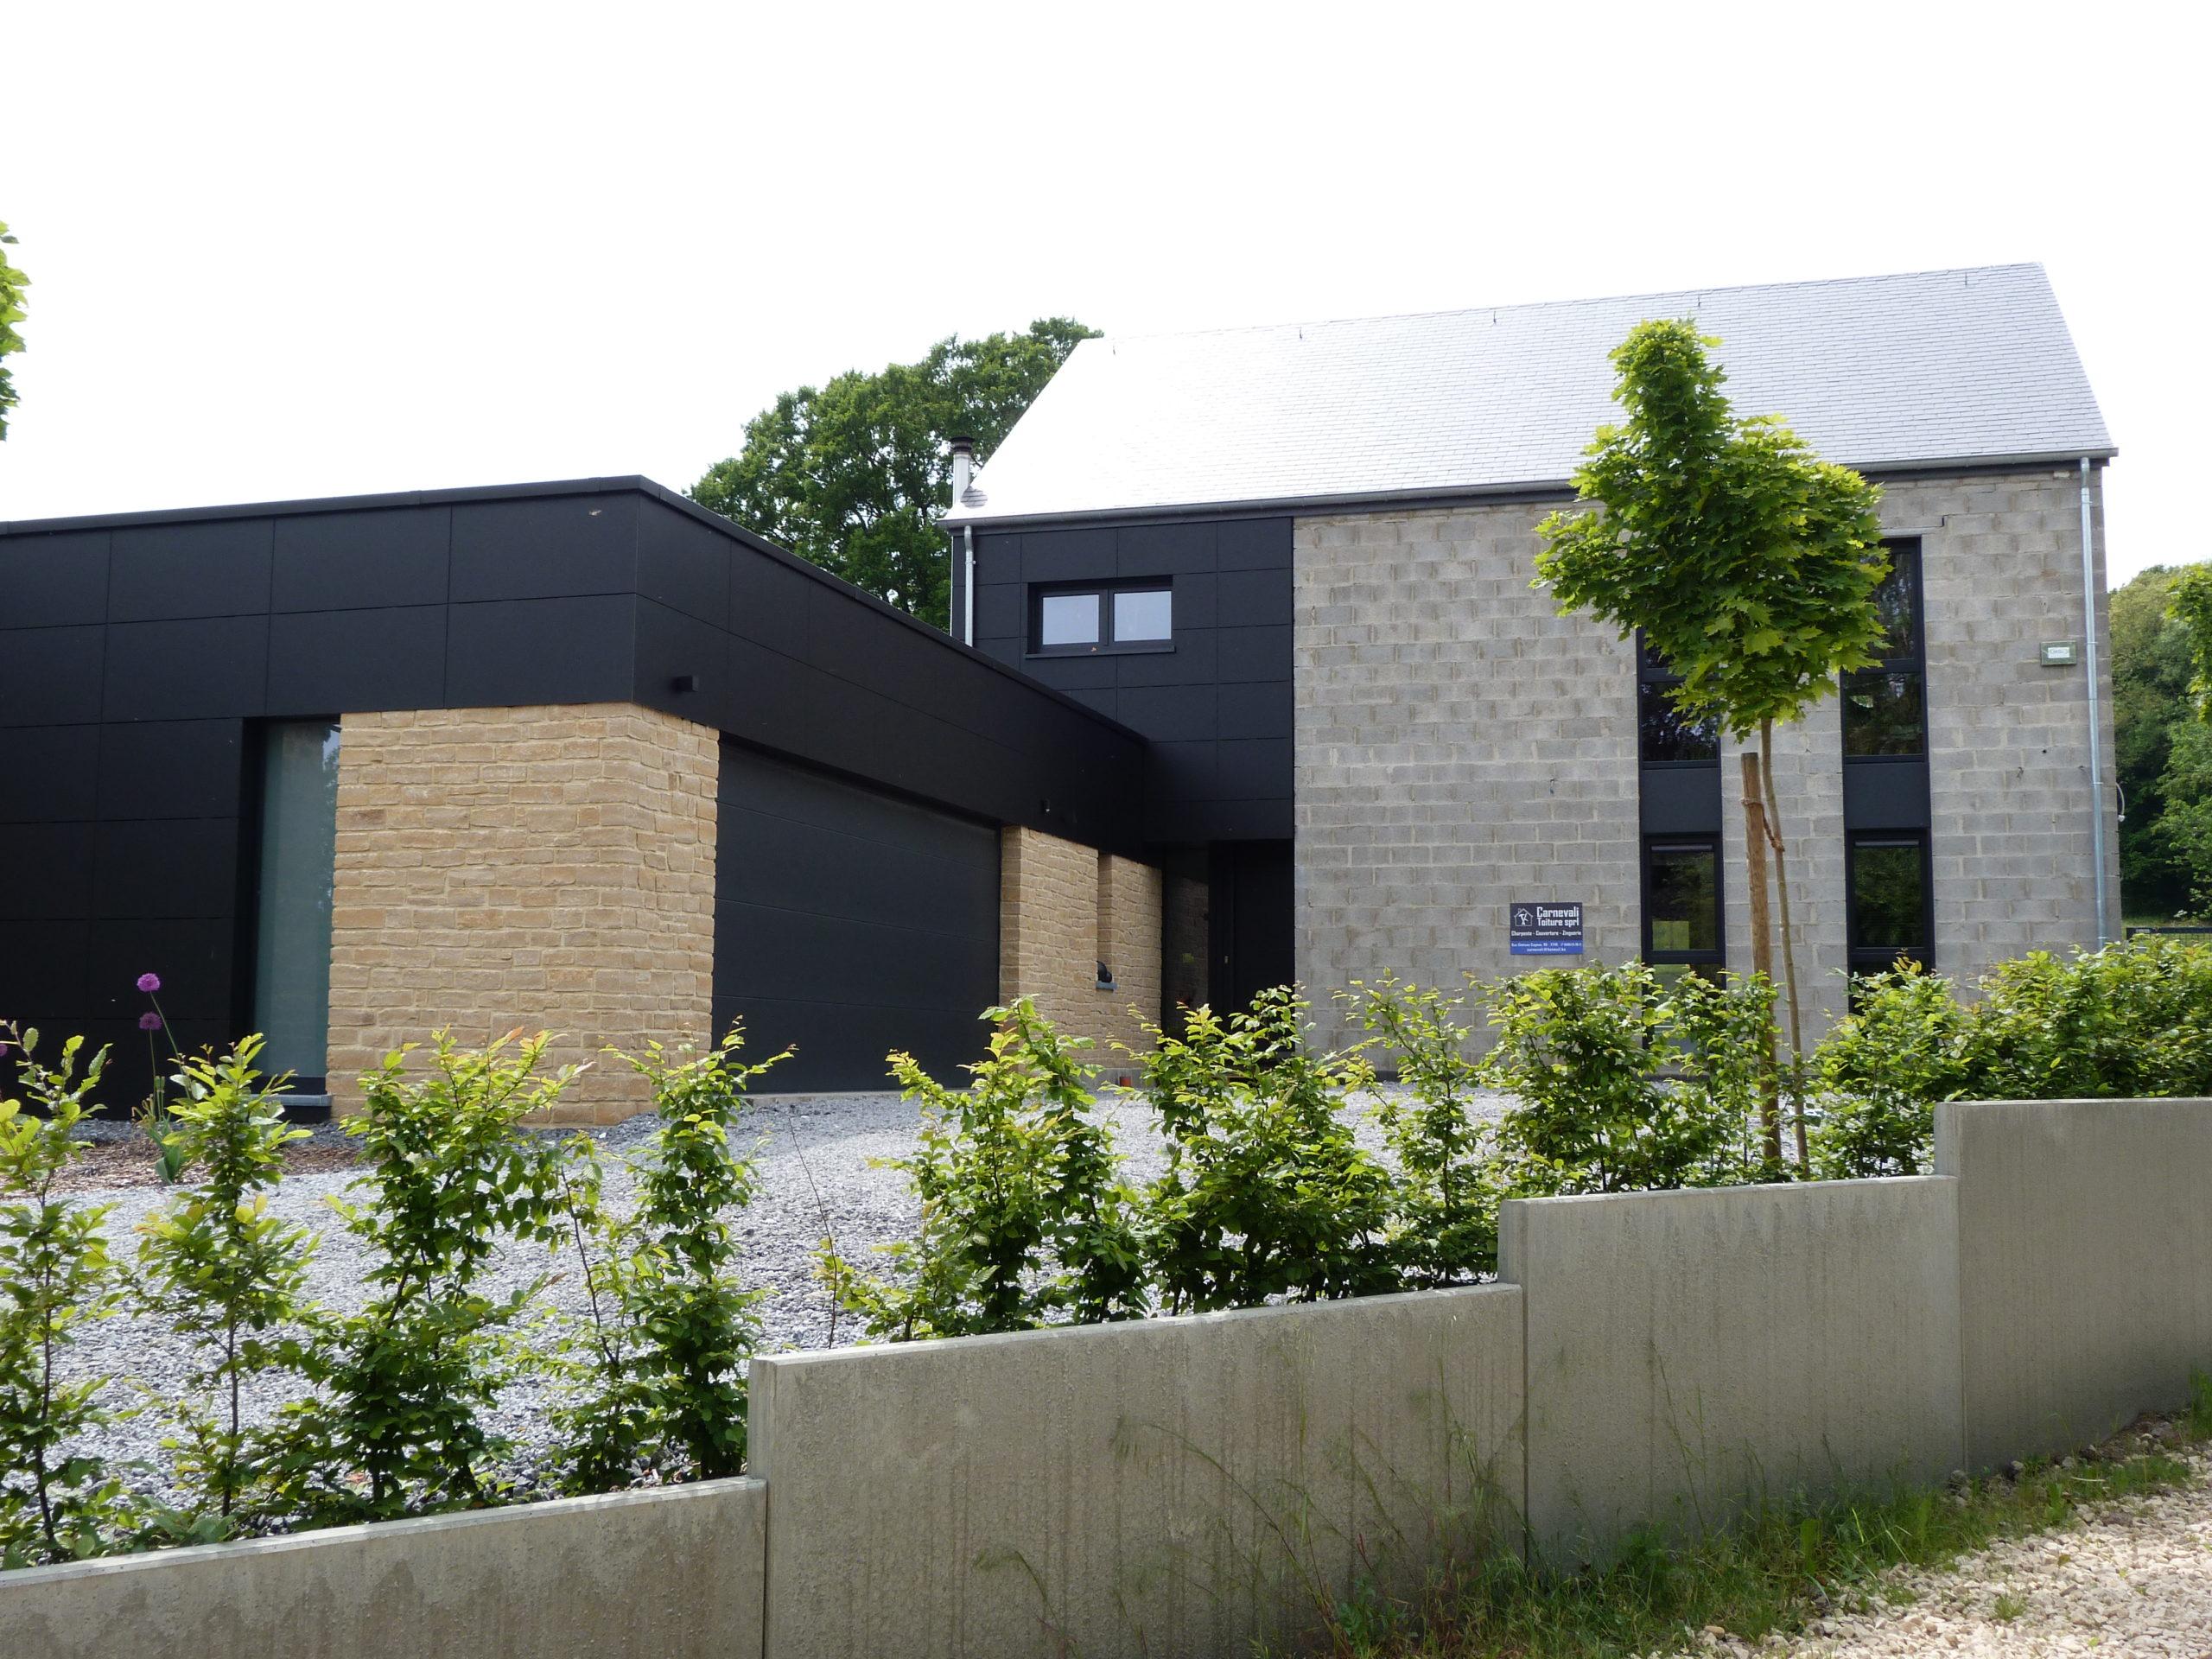 Maison 4 façades à Mussy la Ville 1 5 scaled